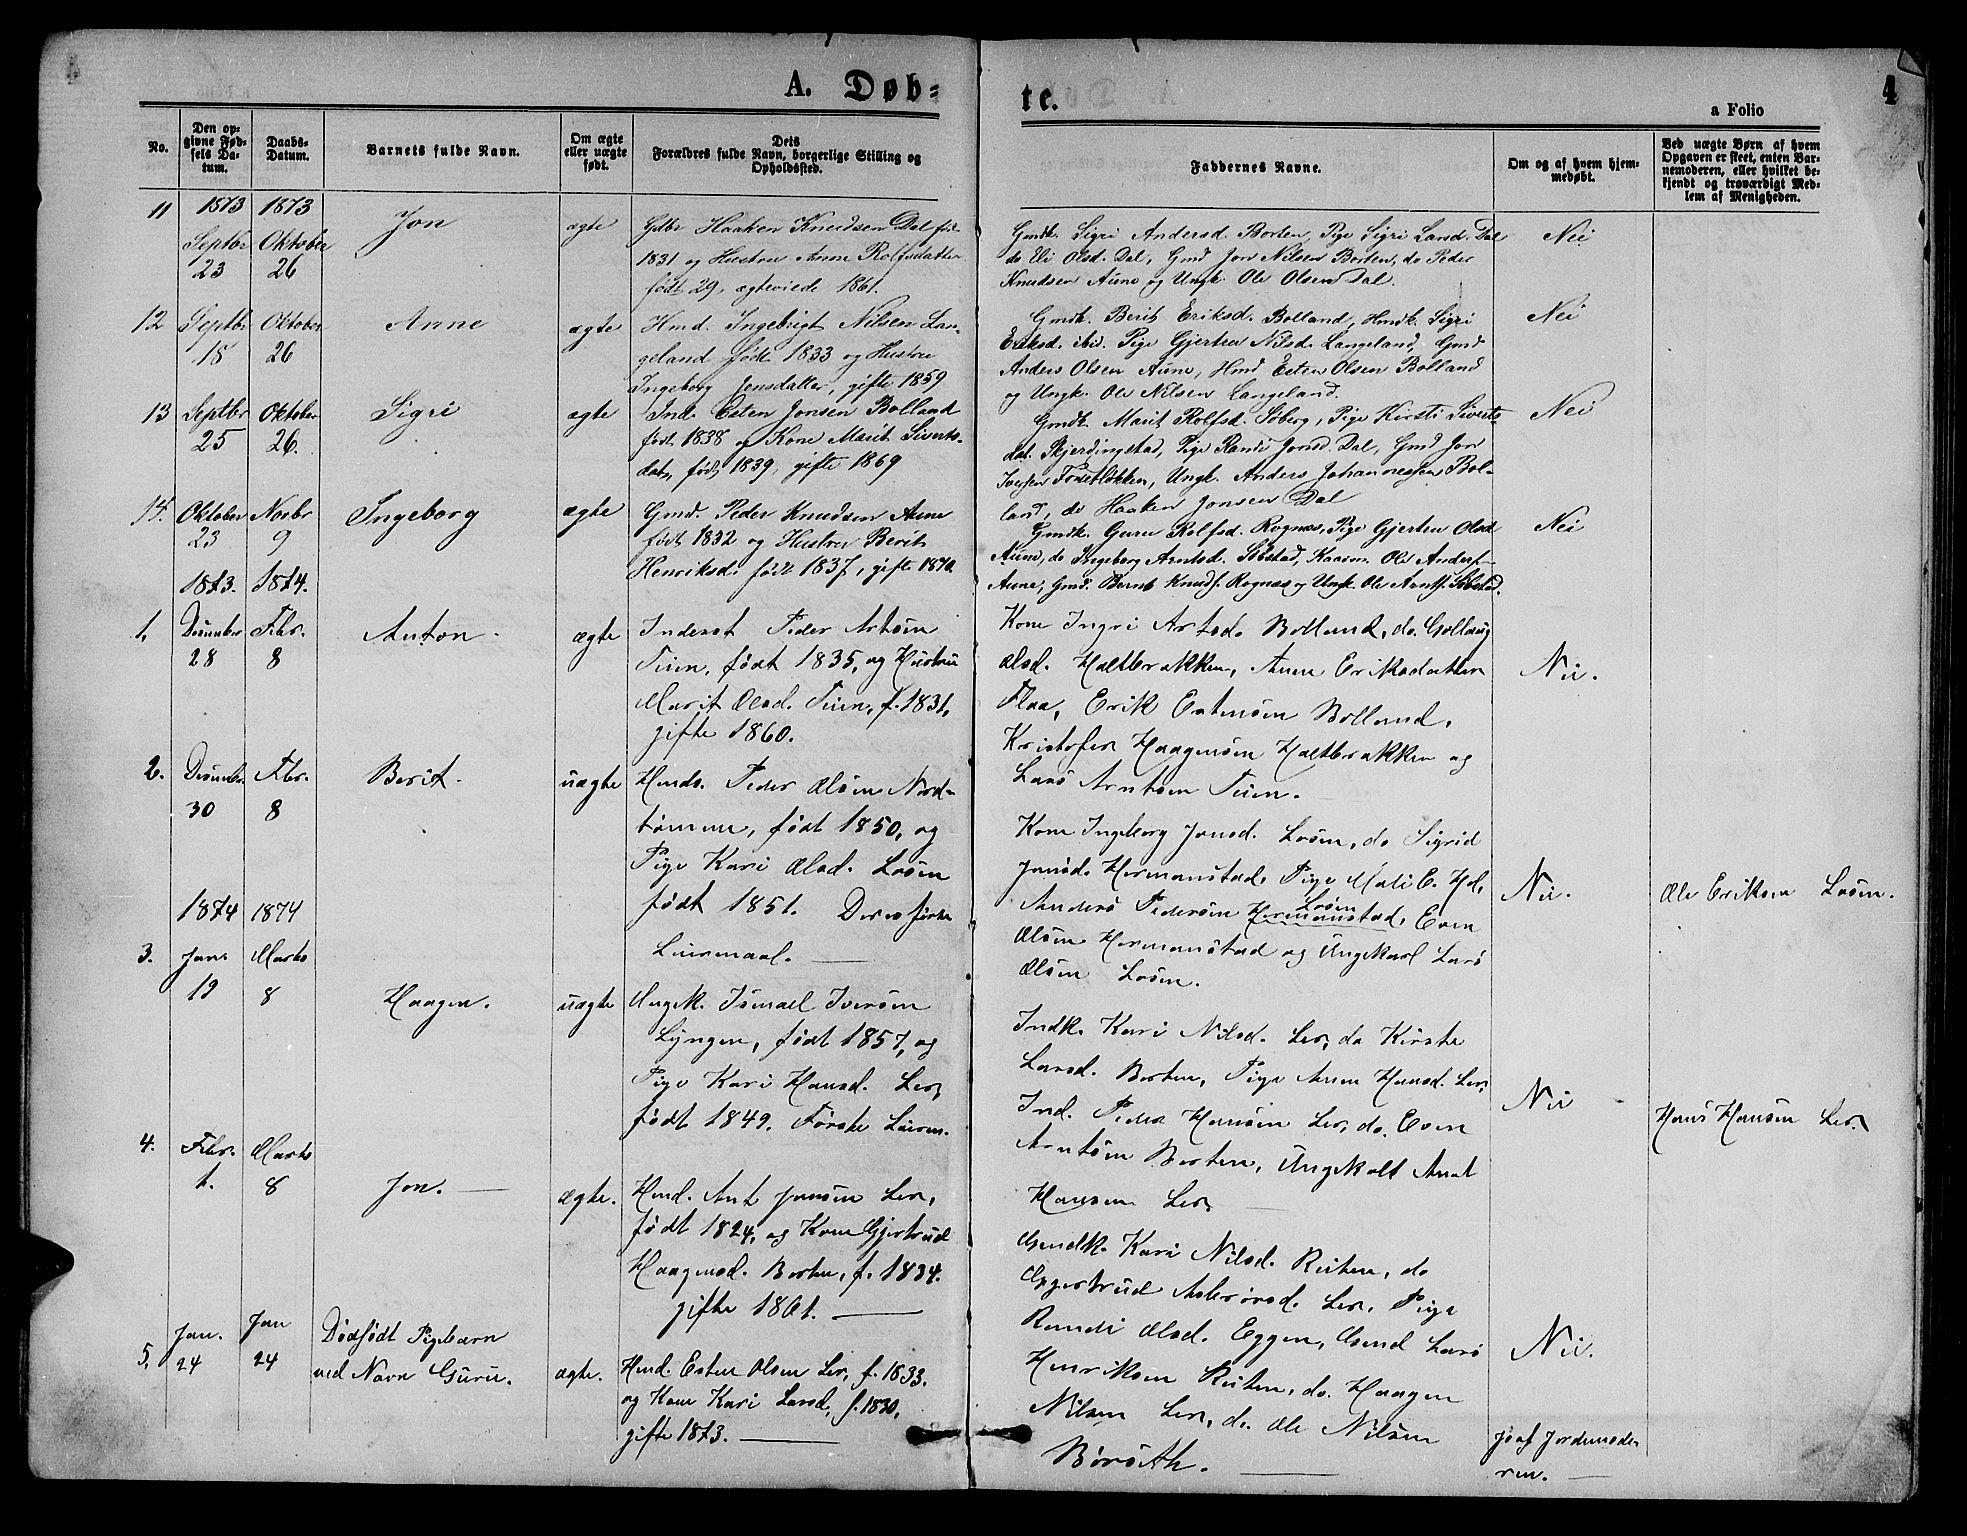 SAT, Ministerialprotokoller, klokkerbøker og fødselsregistre - Sør-Trøndelag, 693/L1122: Klokkerbok nr. 693C03, 1870-1886, s. 4